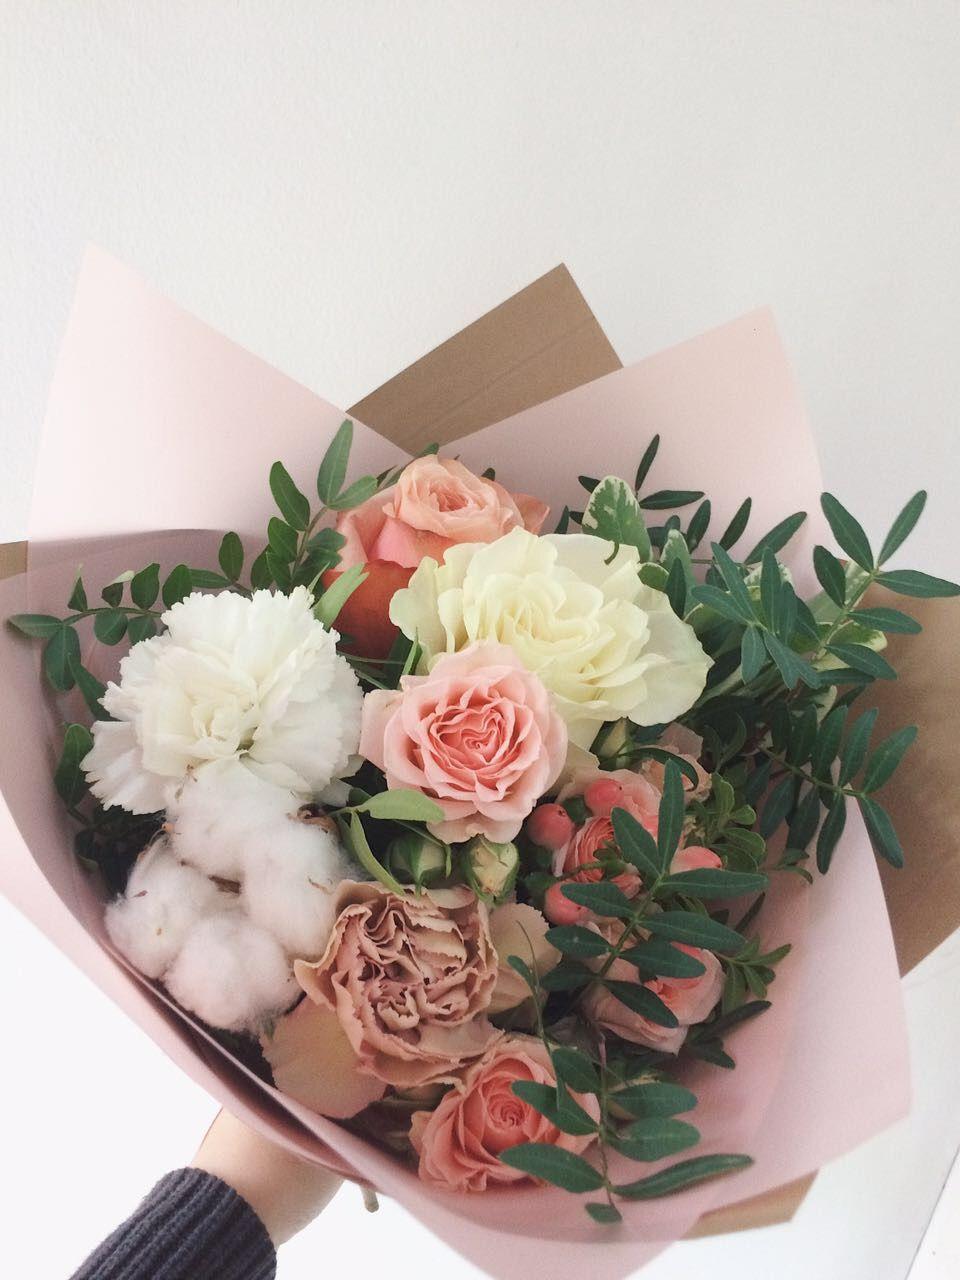 Хлопок в букете невесты, цветы оптом в краснодаре дешево от производителя